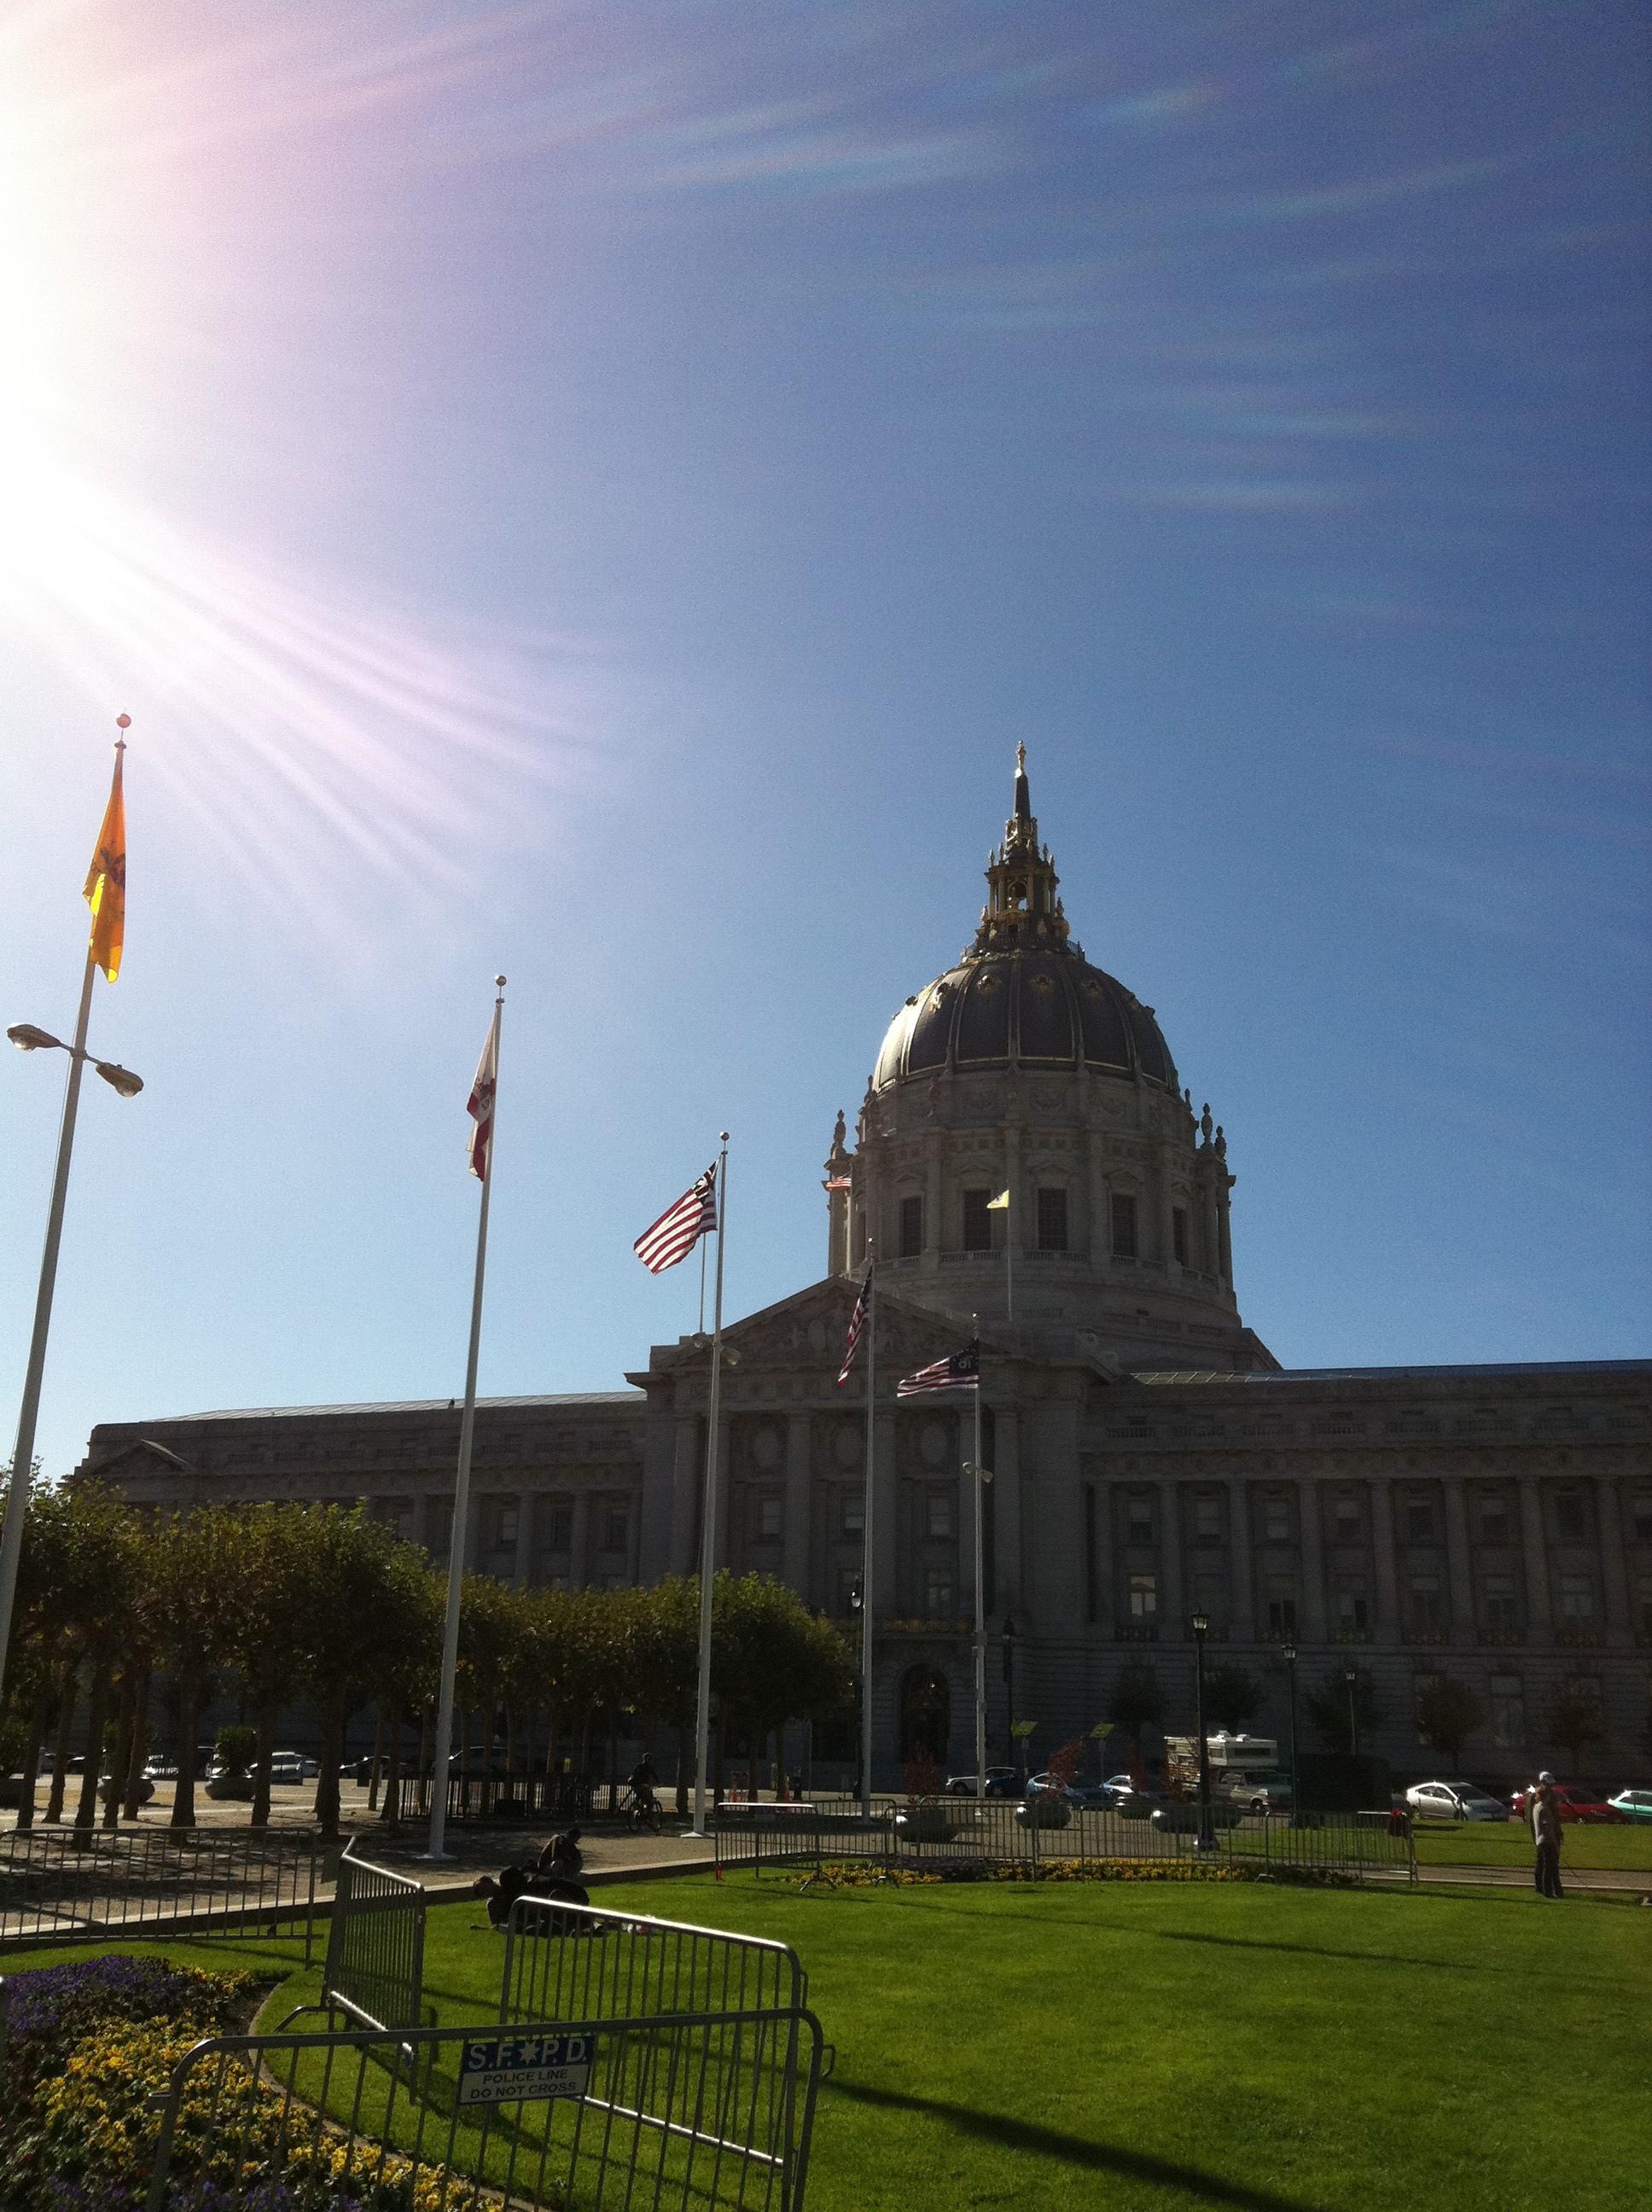 Splendid day in San Francisco